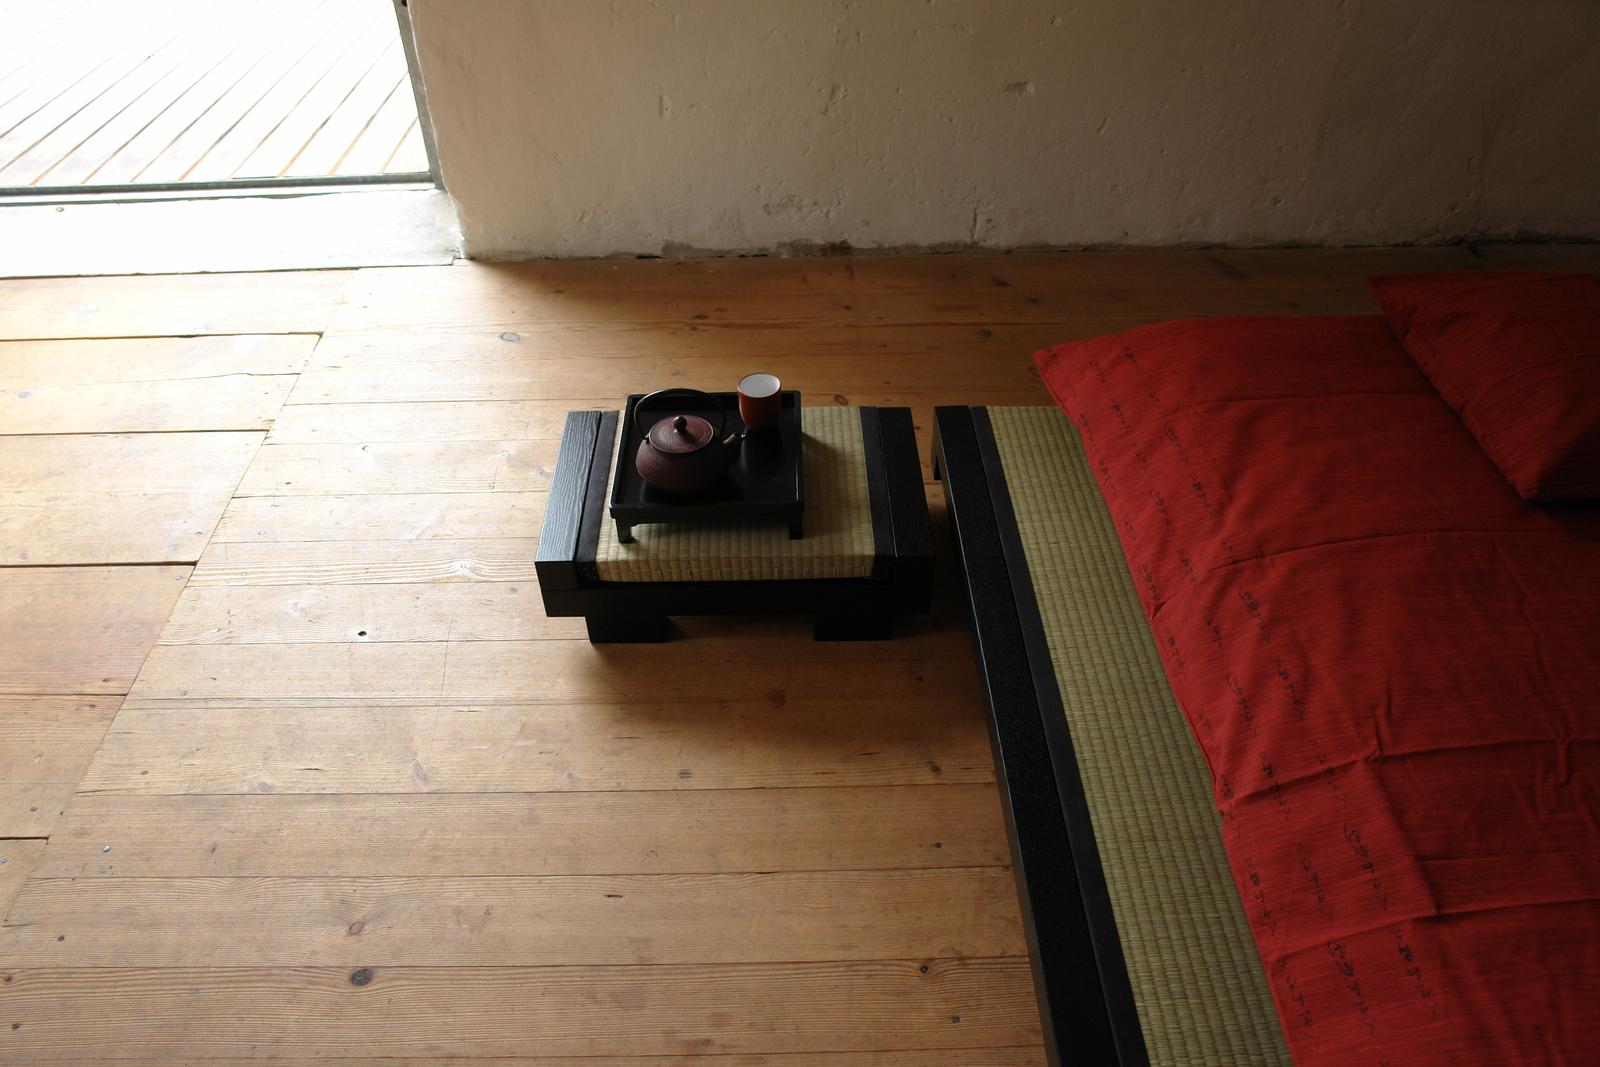 Full Size of Japanshop Tatami Bett Haiku Betten Mit Aufbewahrung 180x200 Weiß Schreibtisch Jugendstil überlänge Selber Bauen Bambus 200x200 Bettkasten Lifetime Bett Tatami Bett